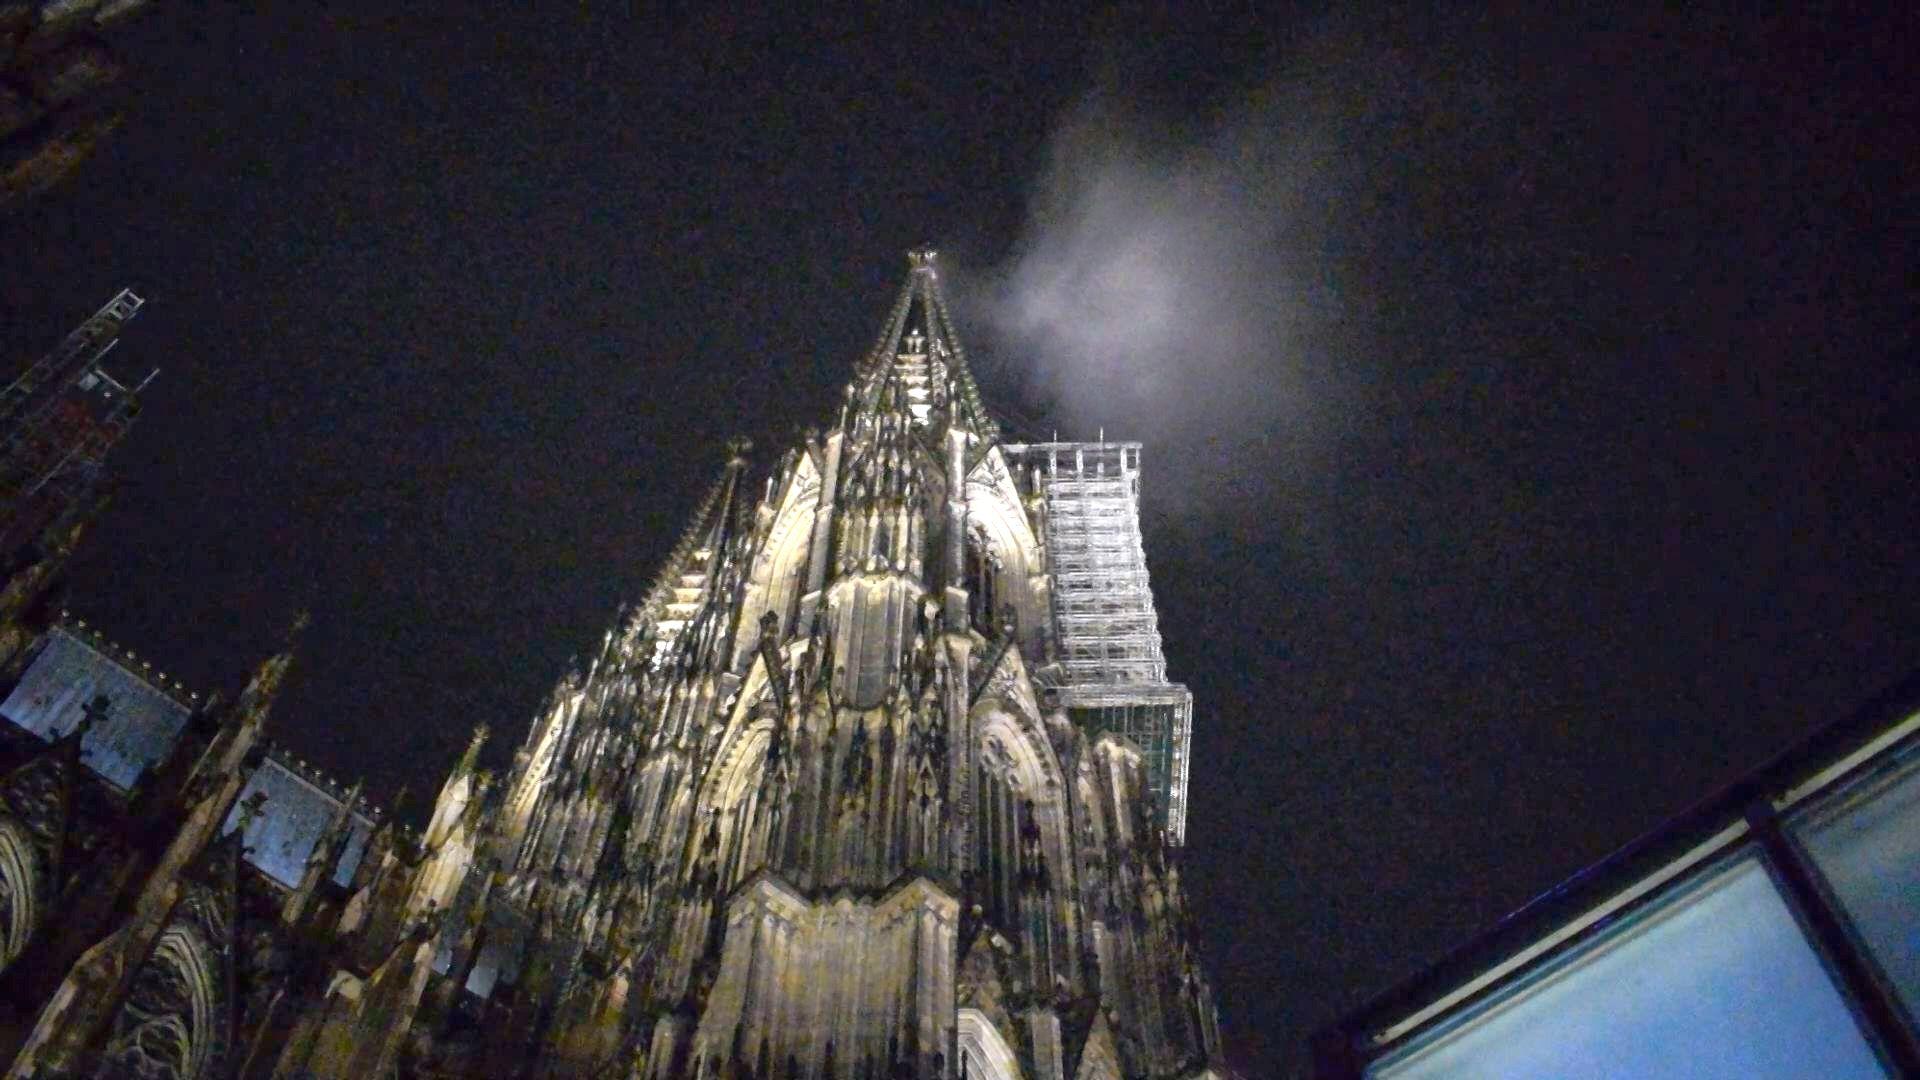 Nonstopnews Zahlreiche Anrufer Melden Der Feuerwehr Aufsteigenden Rauch Am Nordturm Des Kolner Doms Vermeintlicher Rauch Stellt Sich Als Tiefziehende Einzelne Wolke Heraus